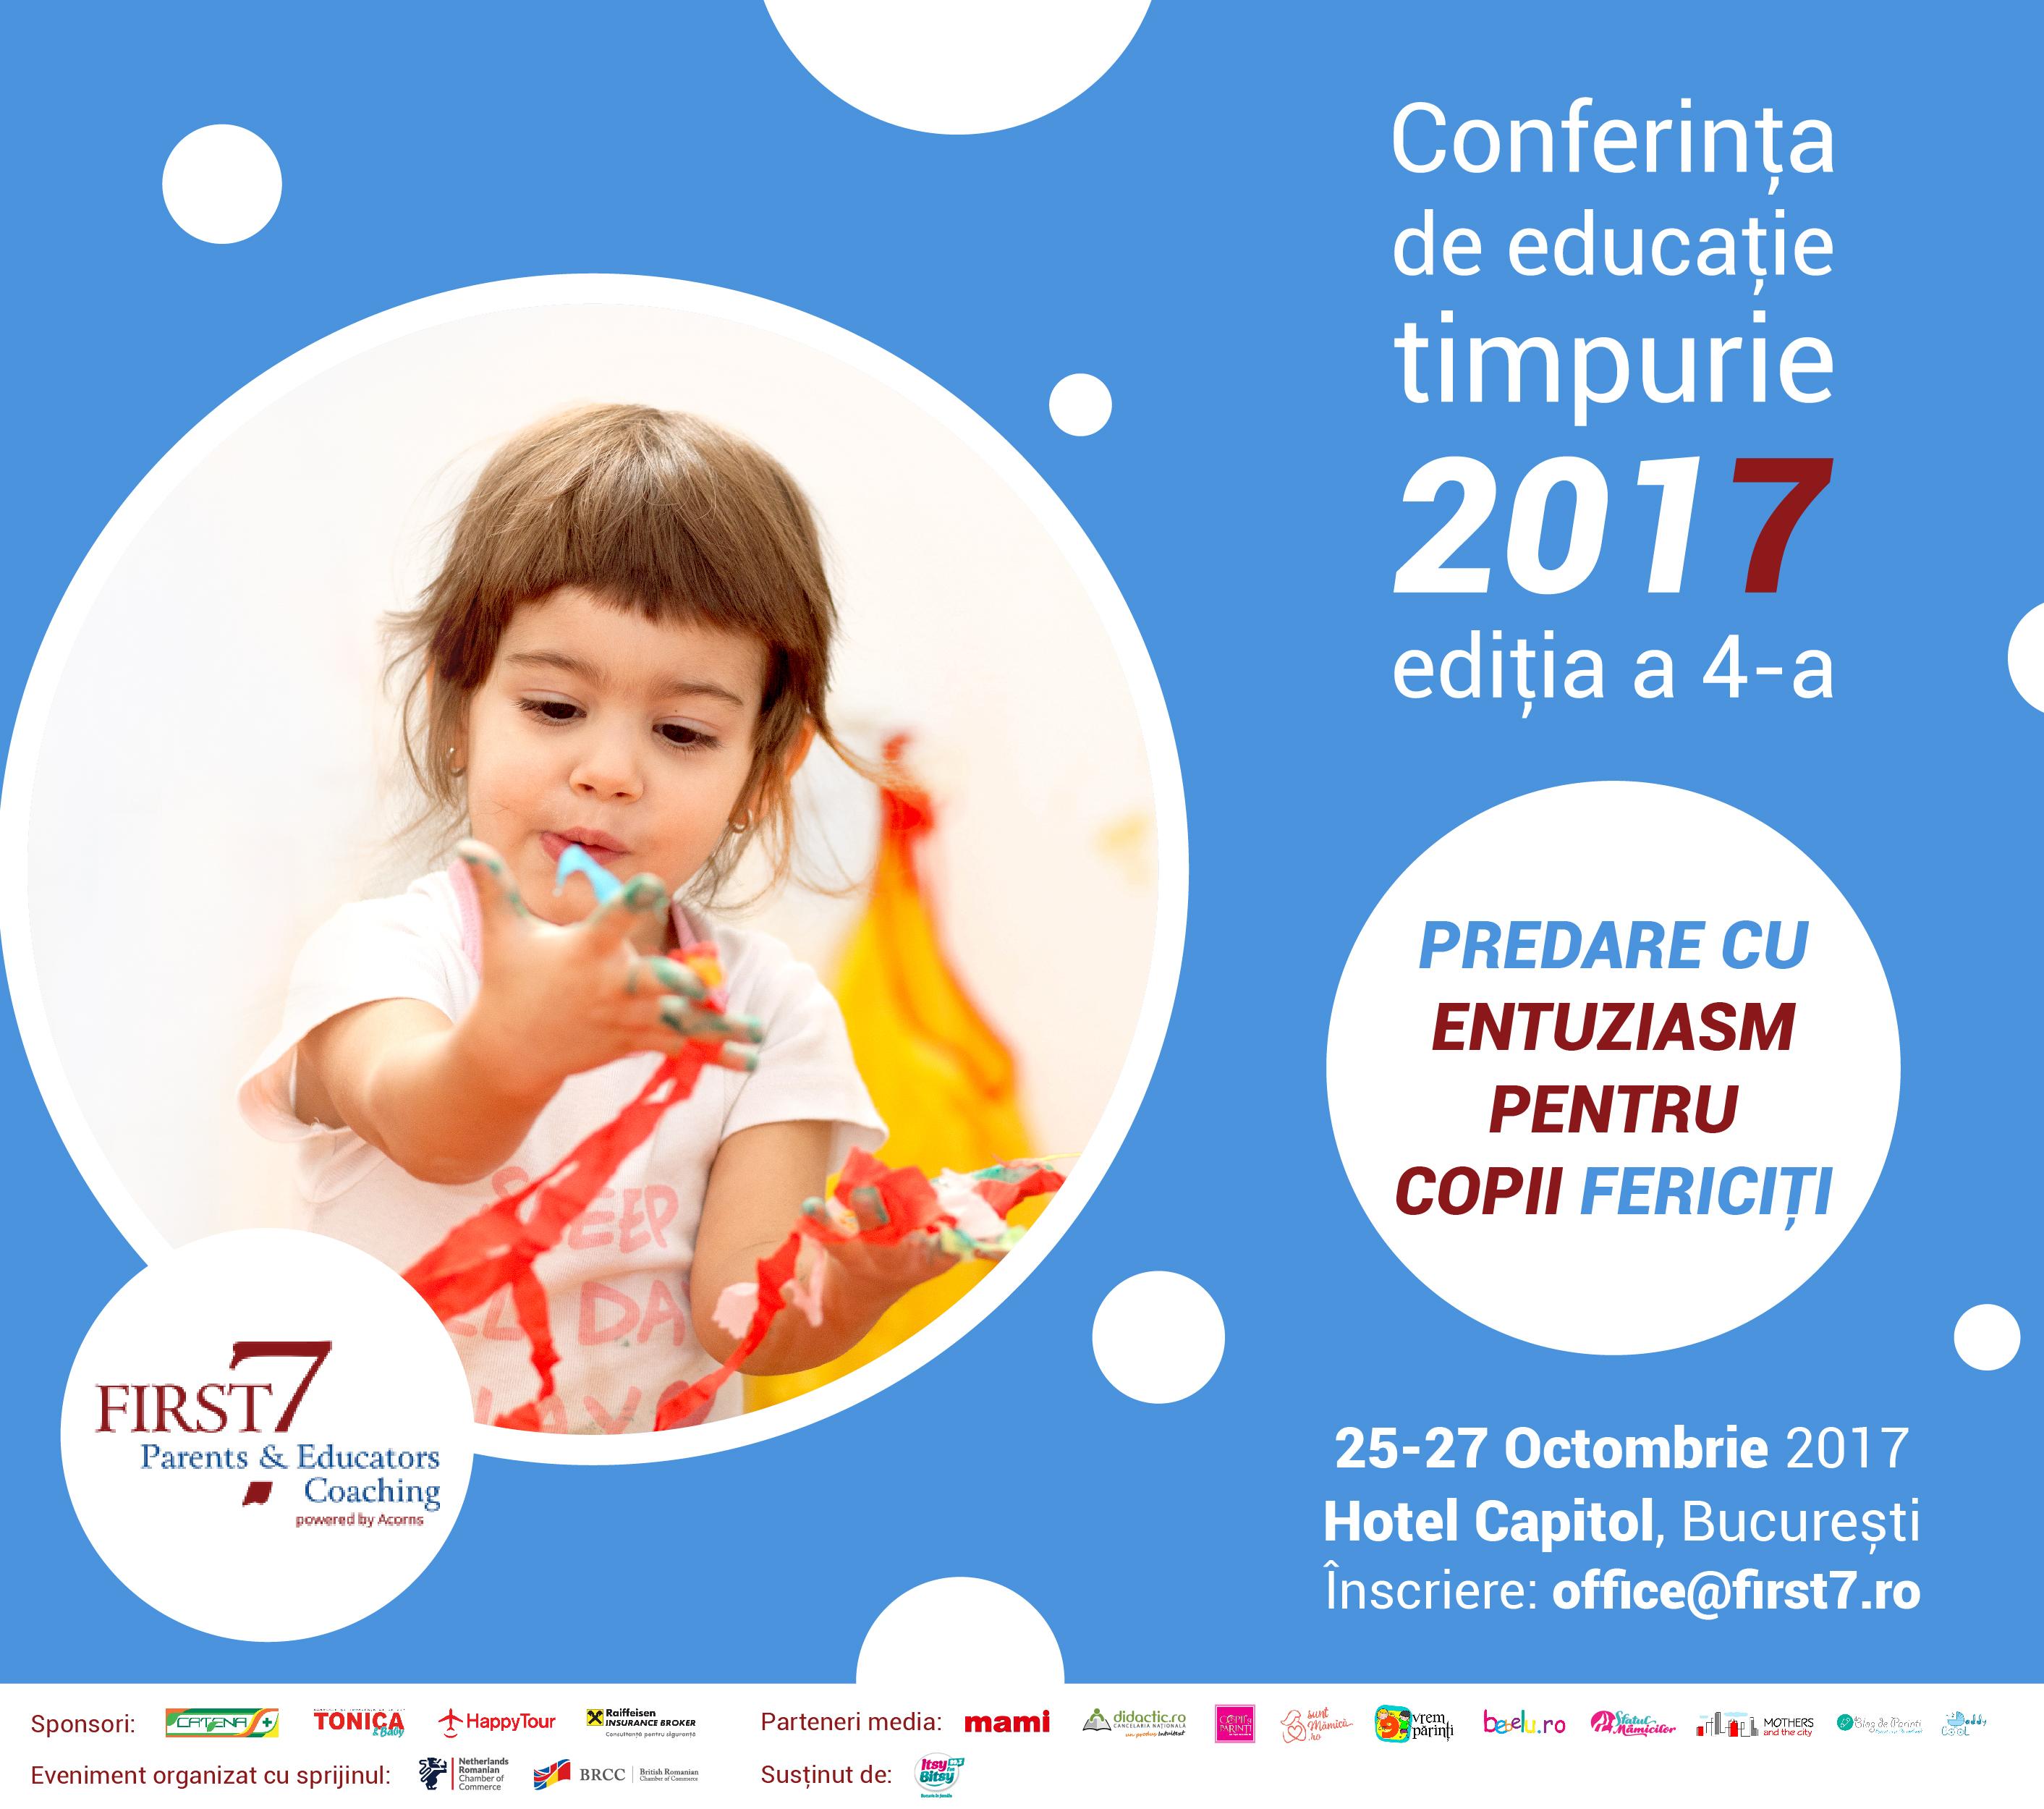 """""""Educatie cu entuziasm pentru copii fericiti"""" , editia a 4-a: cine sunt speakerii internationali invitati"""